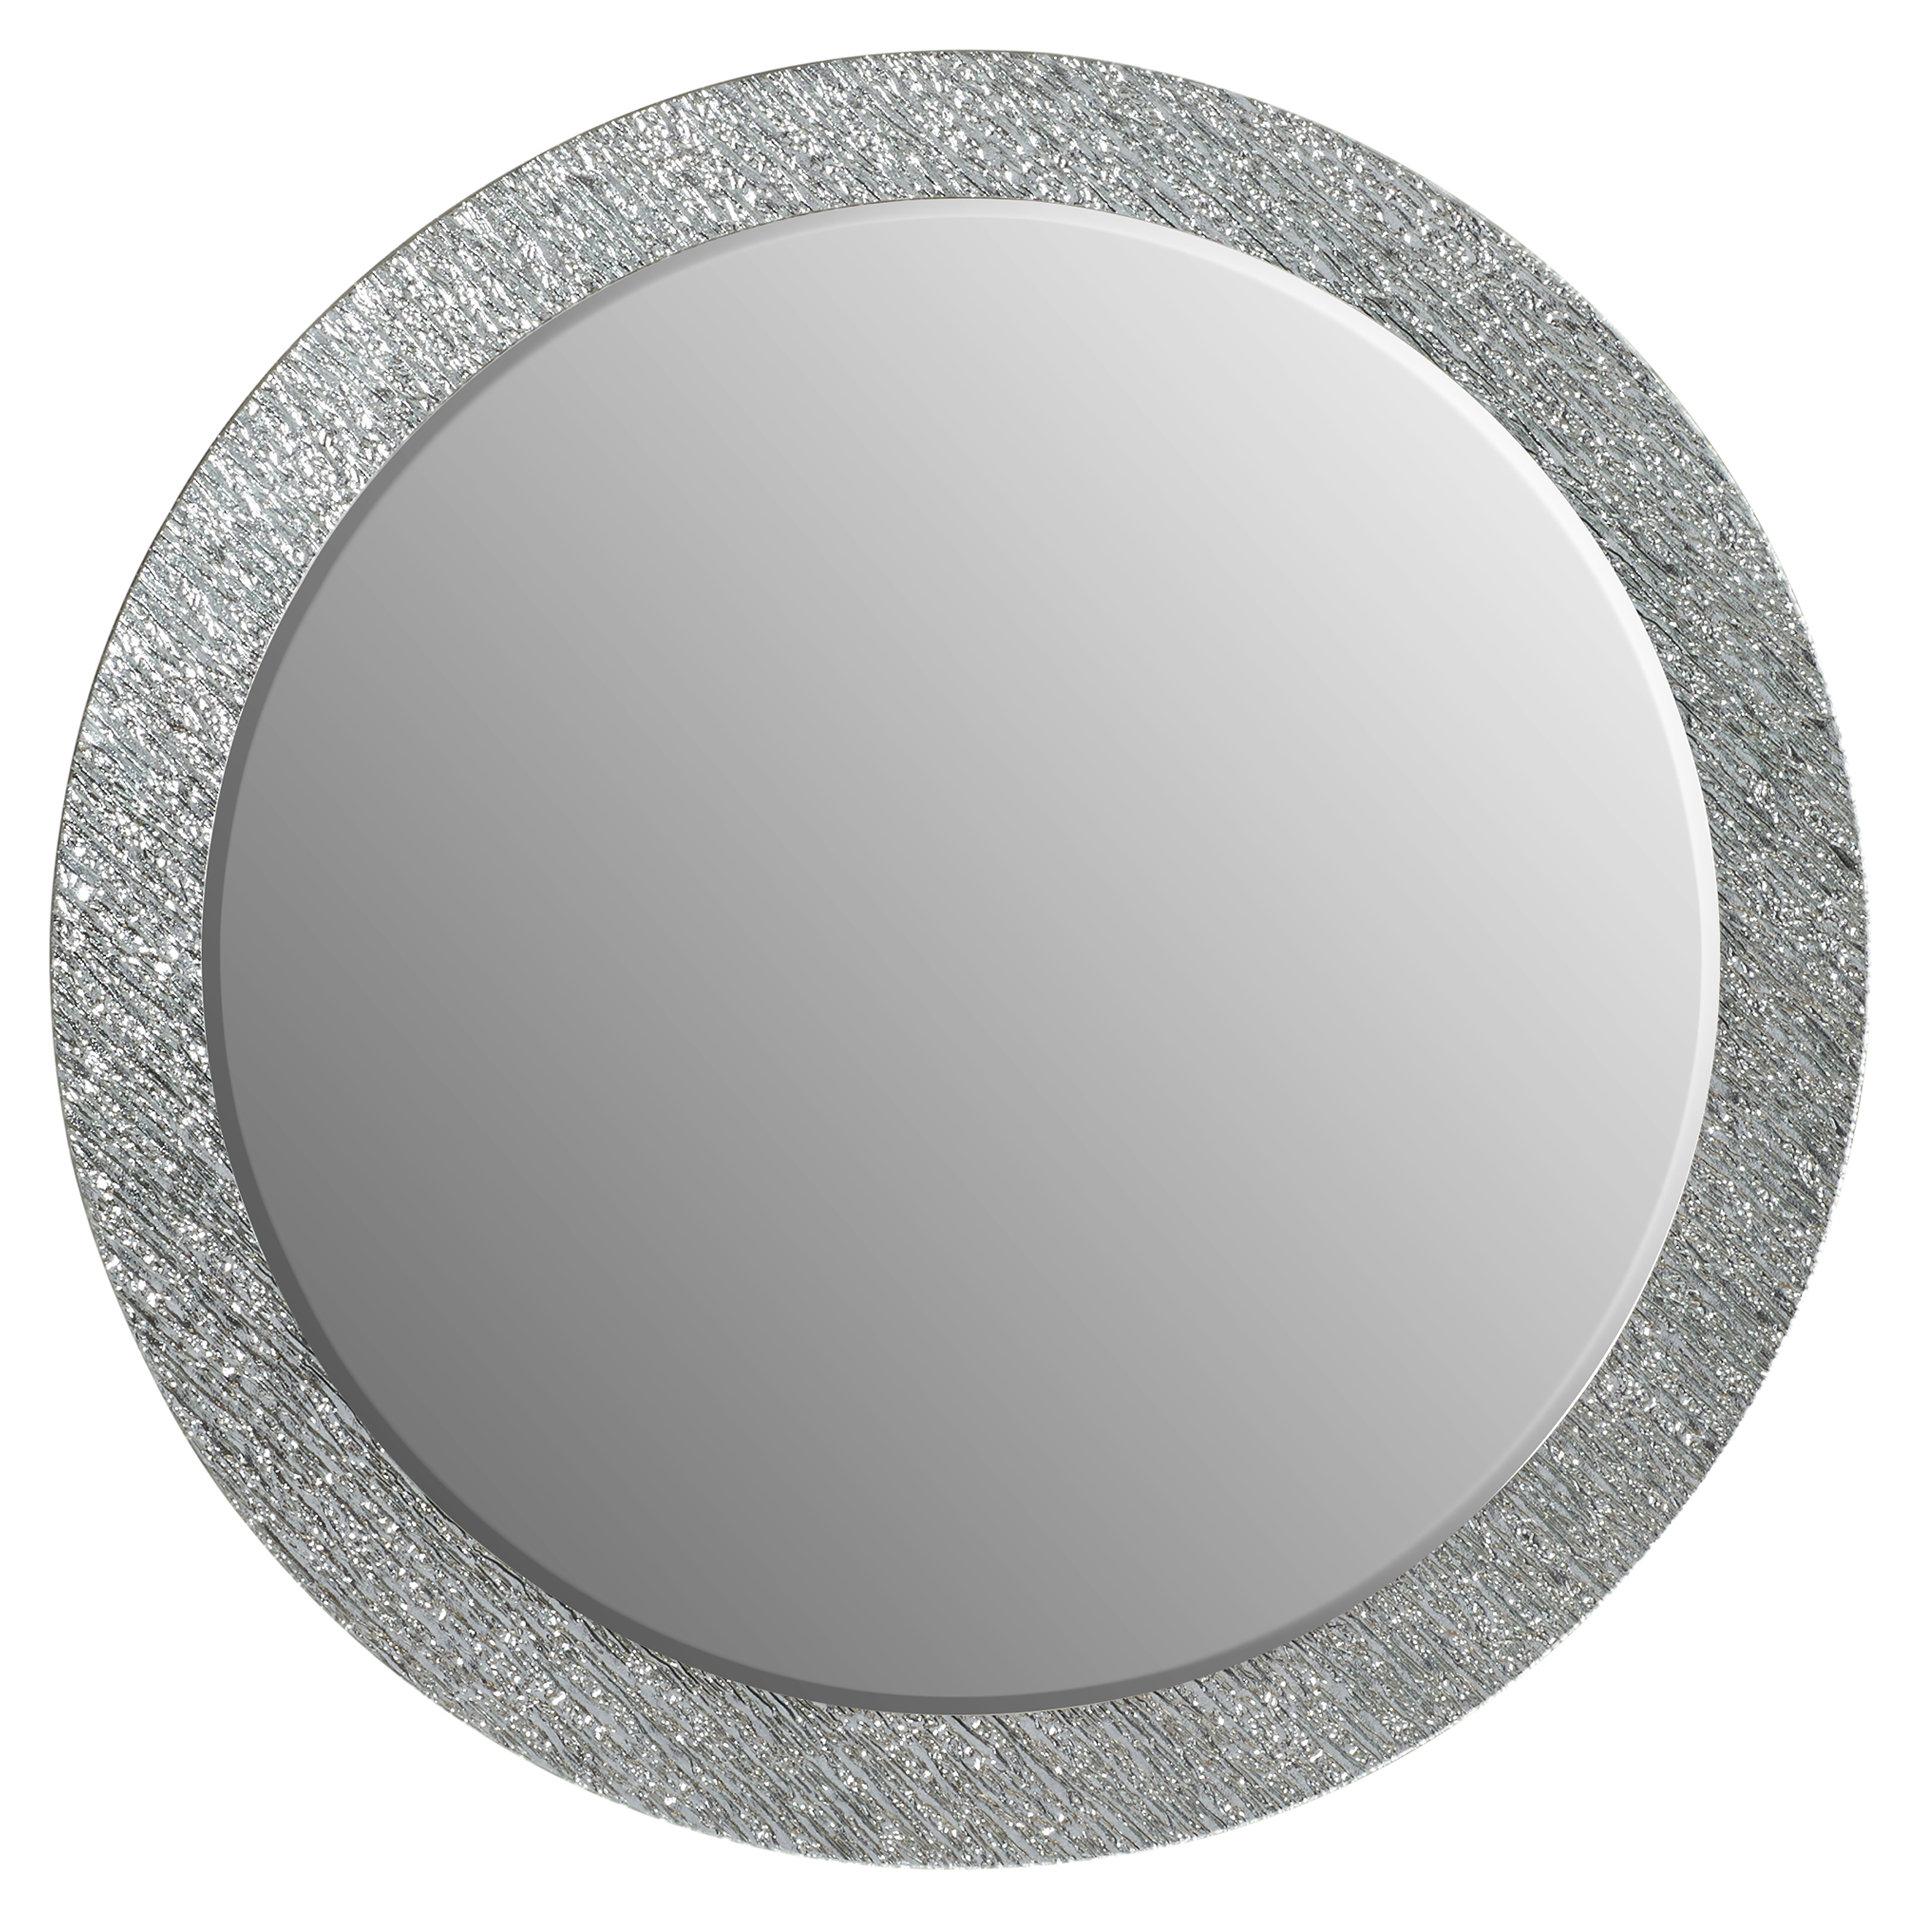 Point Reyes Molten Round Wall Mirror Pertaining To Point Reyes Molten Round Wall Mirrors (View 18 of 30)